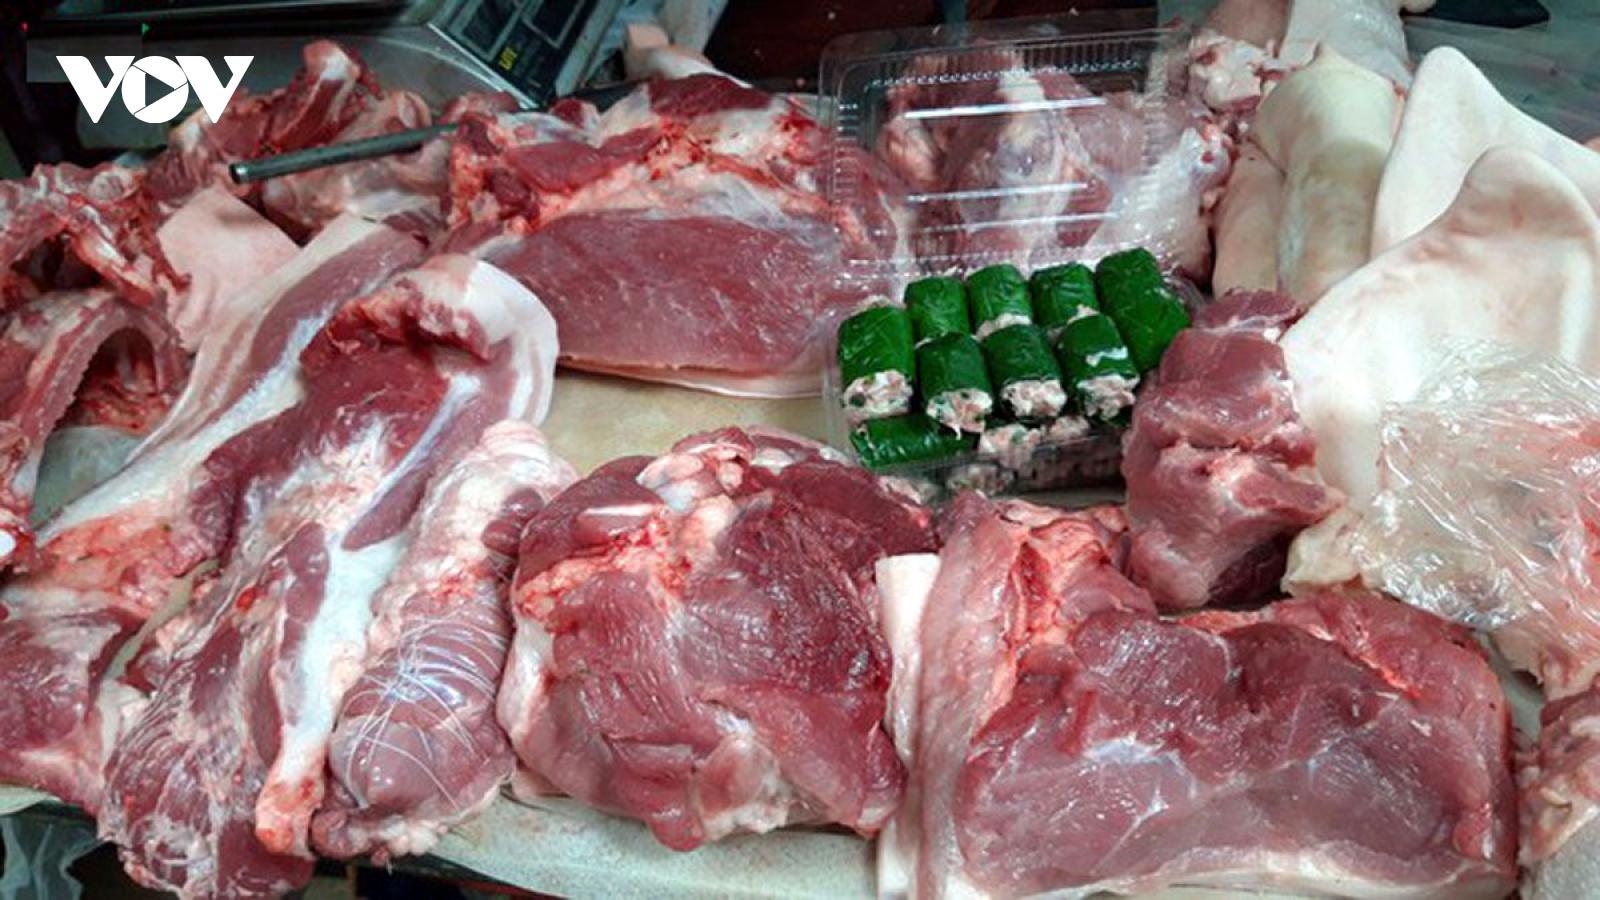 Liệu giá thịt lợn có tăng cao dịp Tết Nguyên đán?